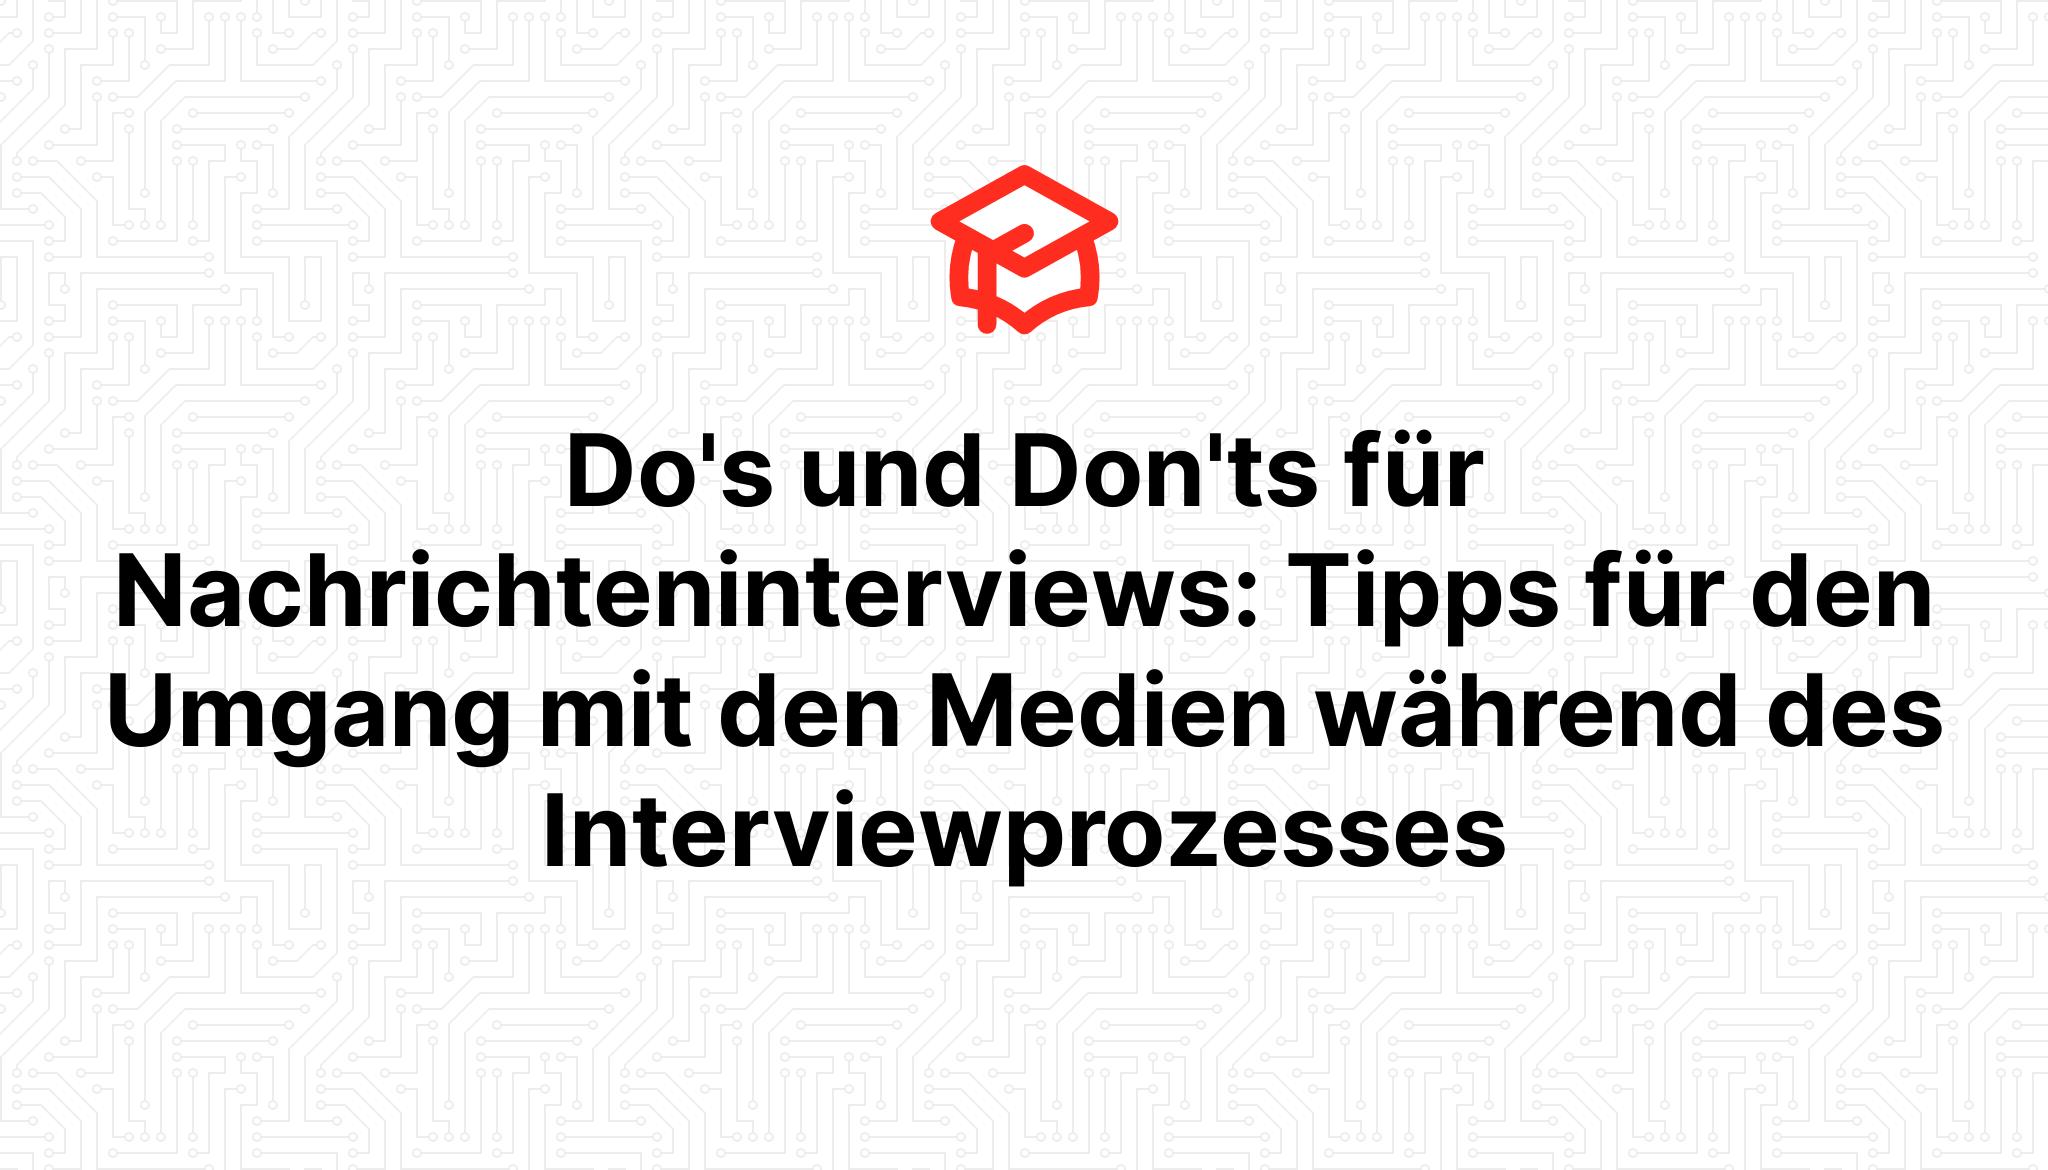 Do's und Don'ts für Nachrichteninterviews: Tipps für den Umgang mit den Medien während des Interviewprozesses